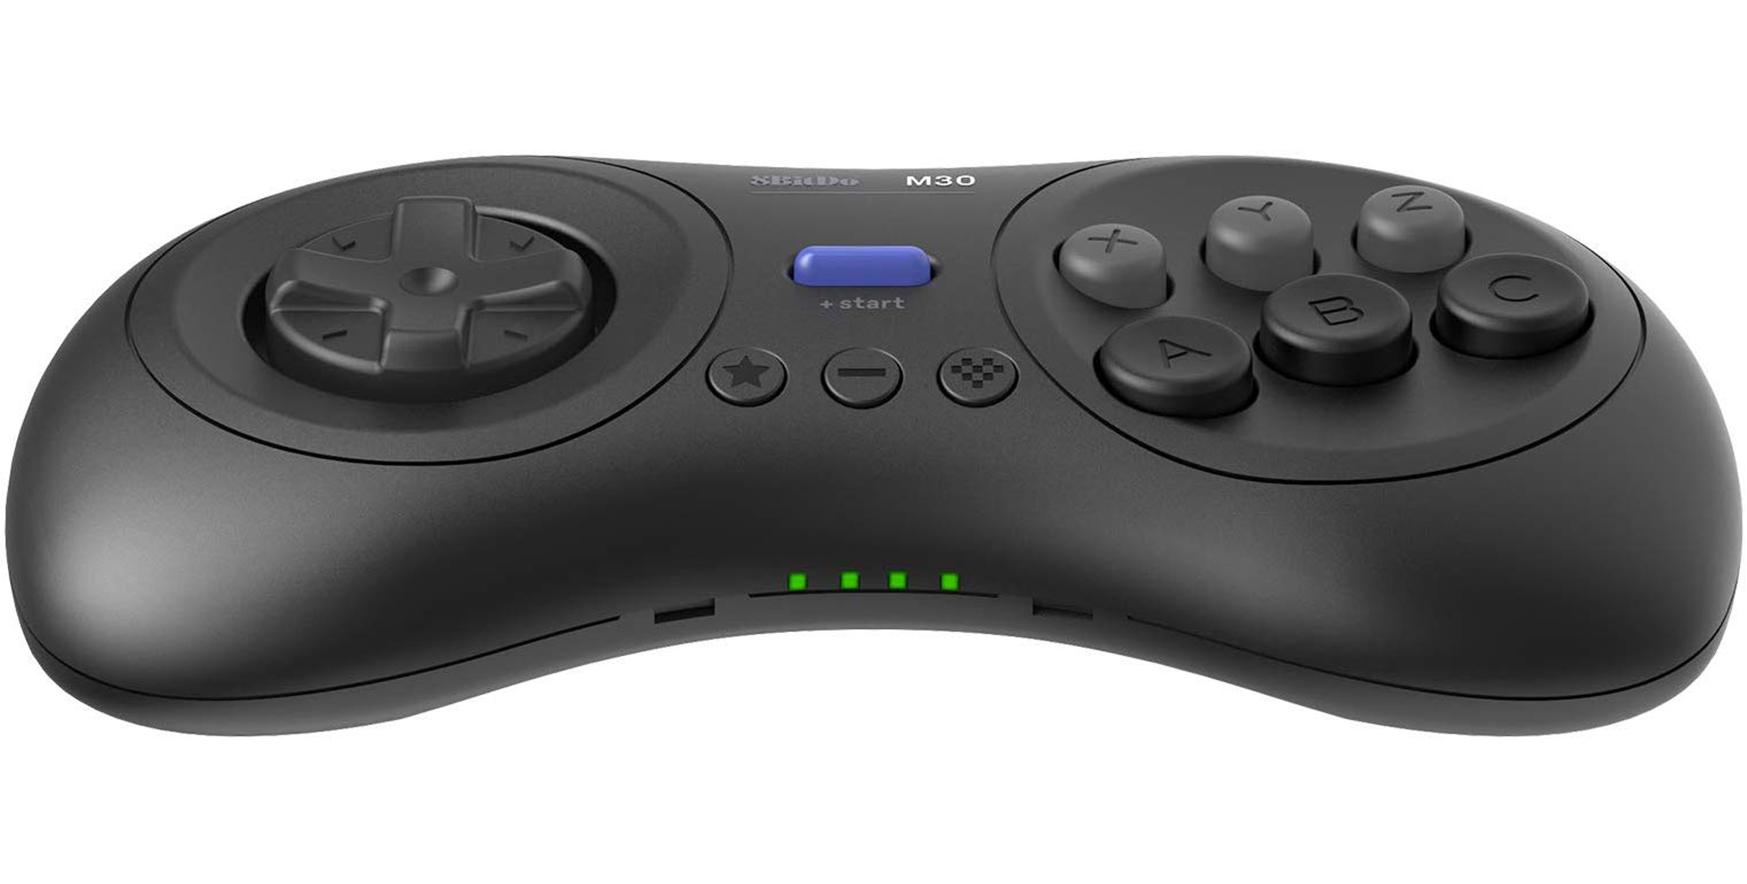 8BitDo выпустит беспроводные контроллеры от Sega Mega Drive